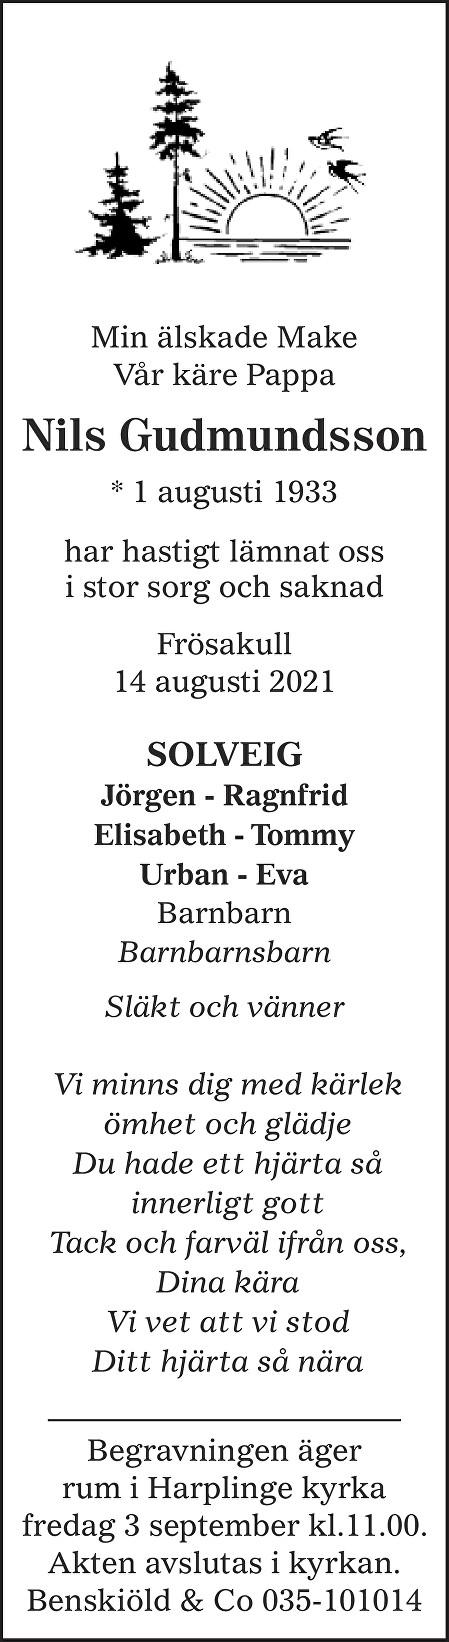 Nils Gudmundsson Death notice